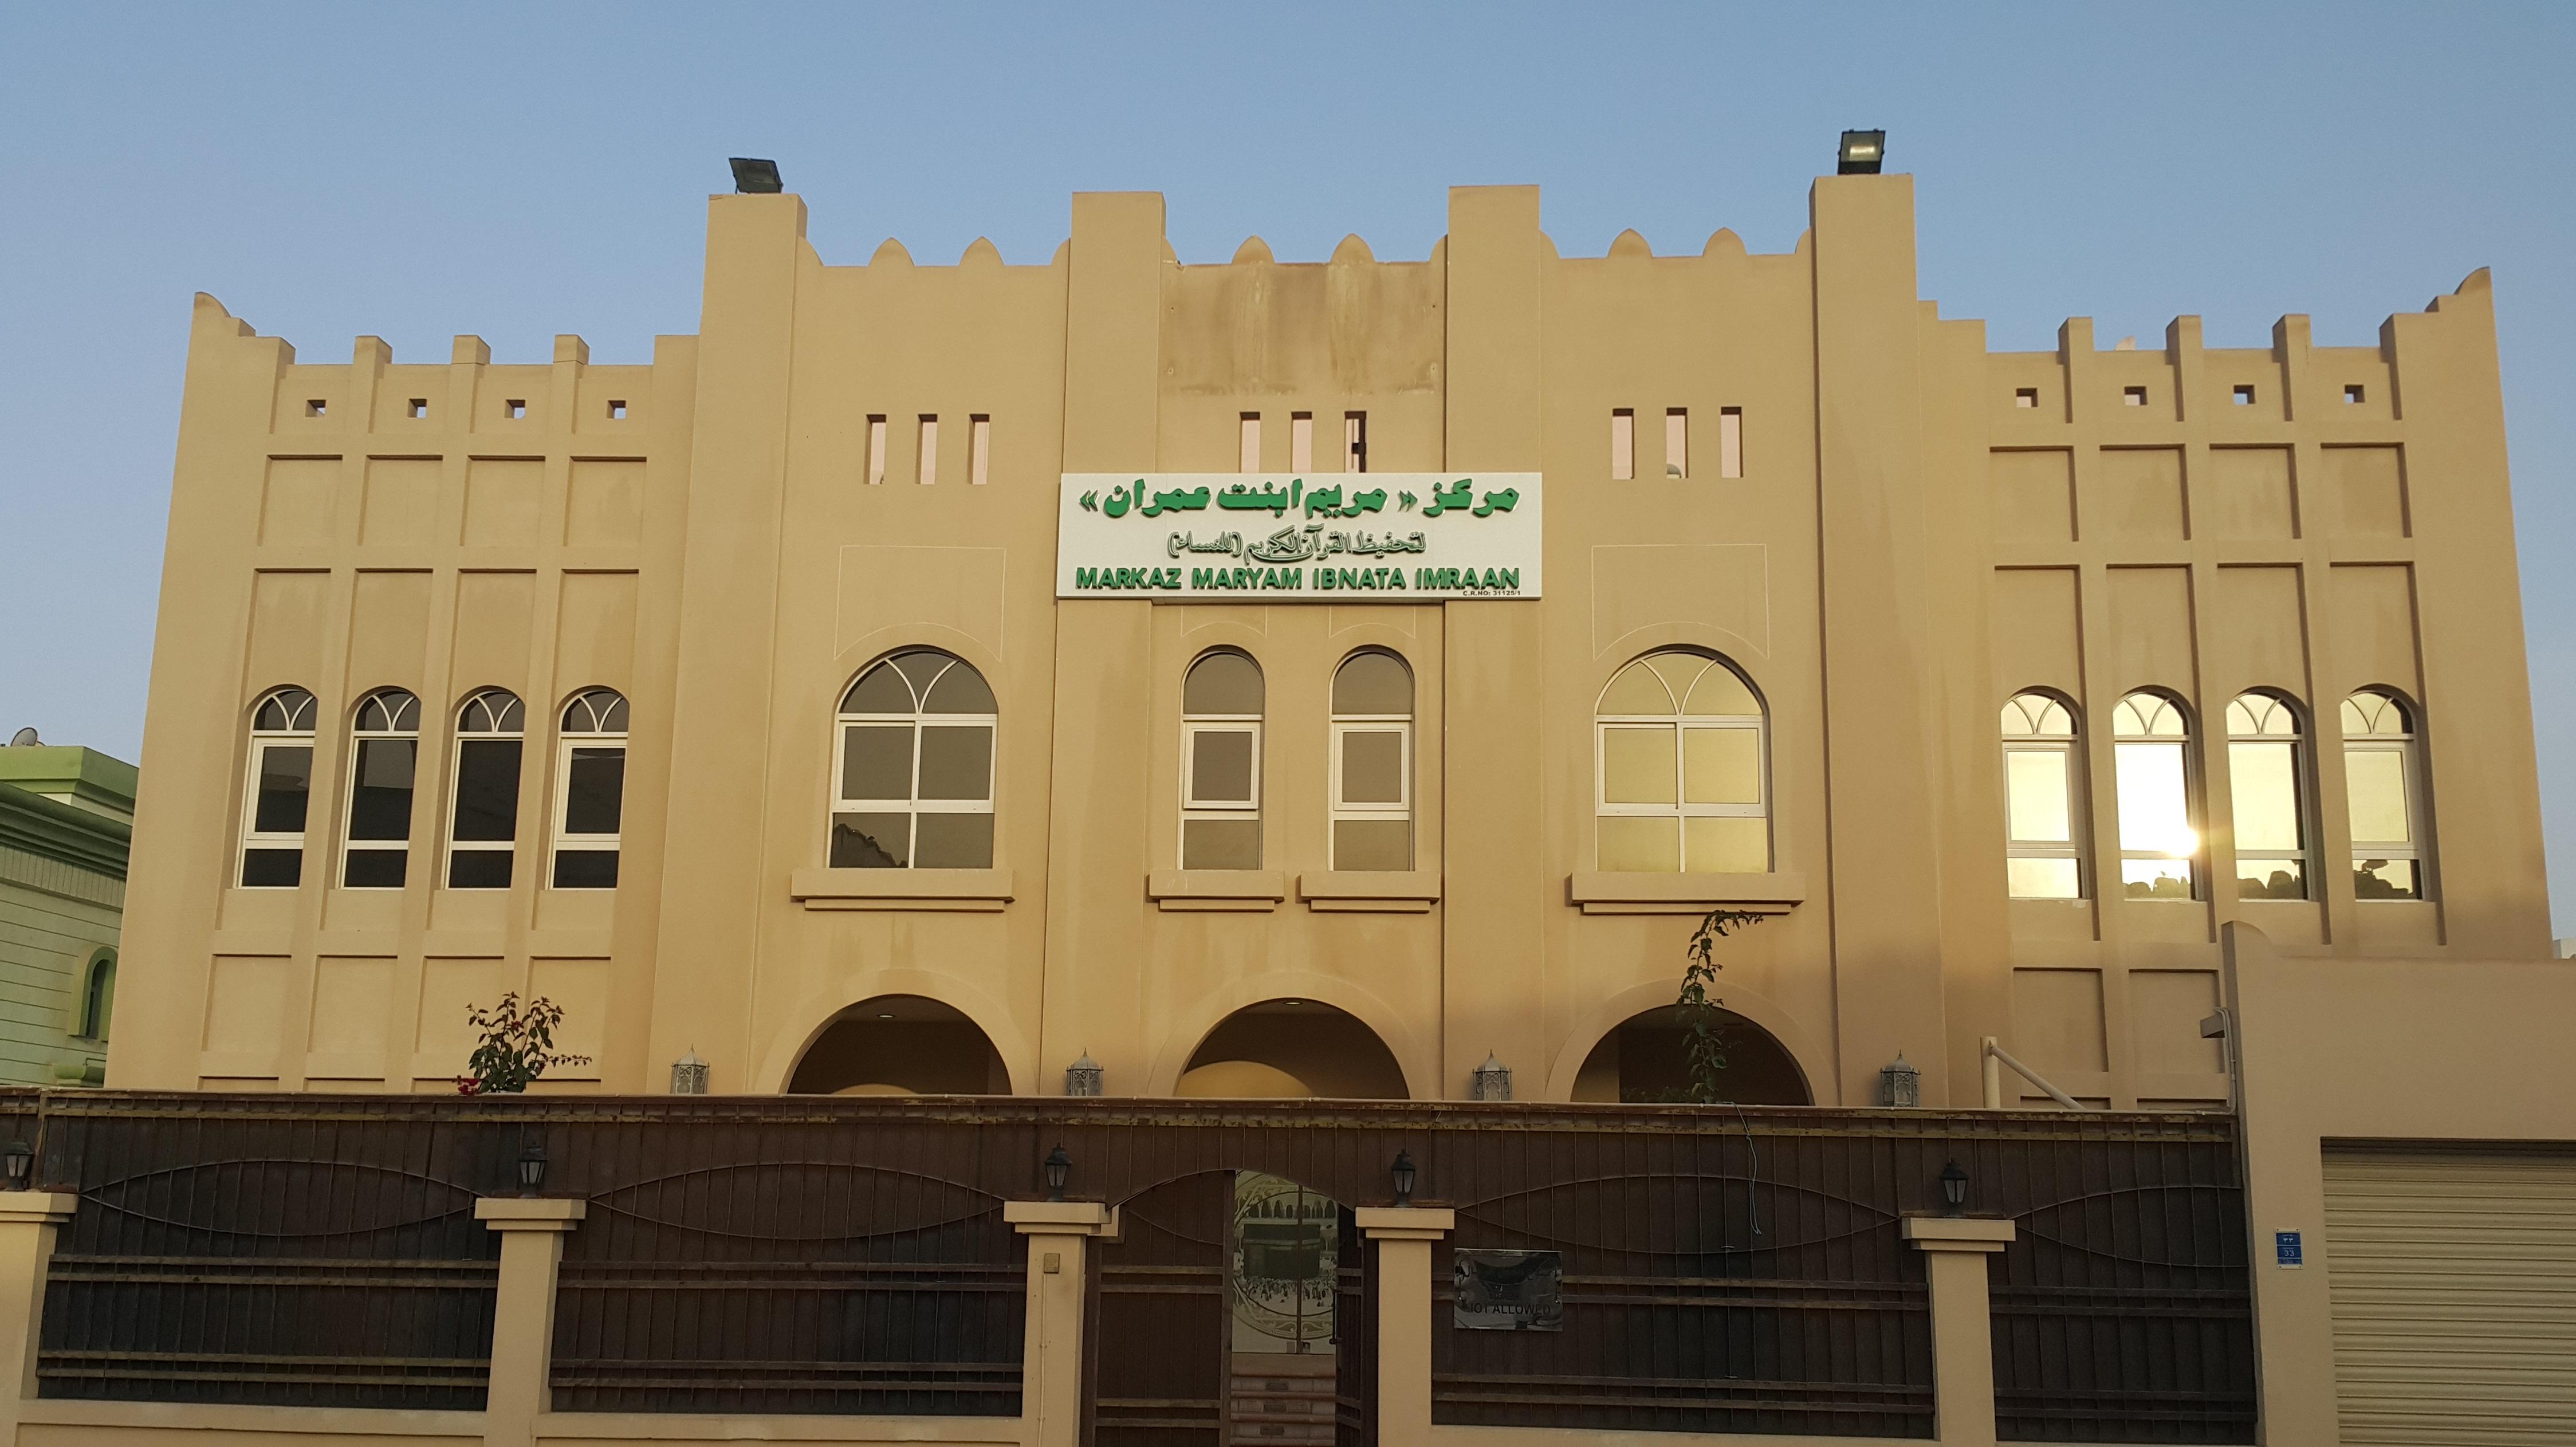 مركز مريم ابنت عمران لتحفيظ القرآن الكريم